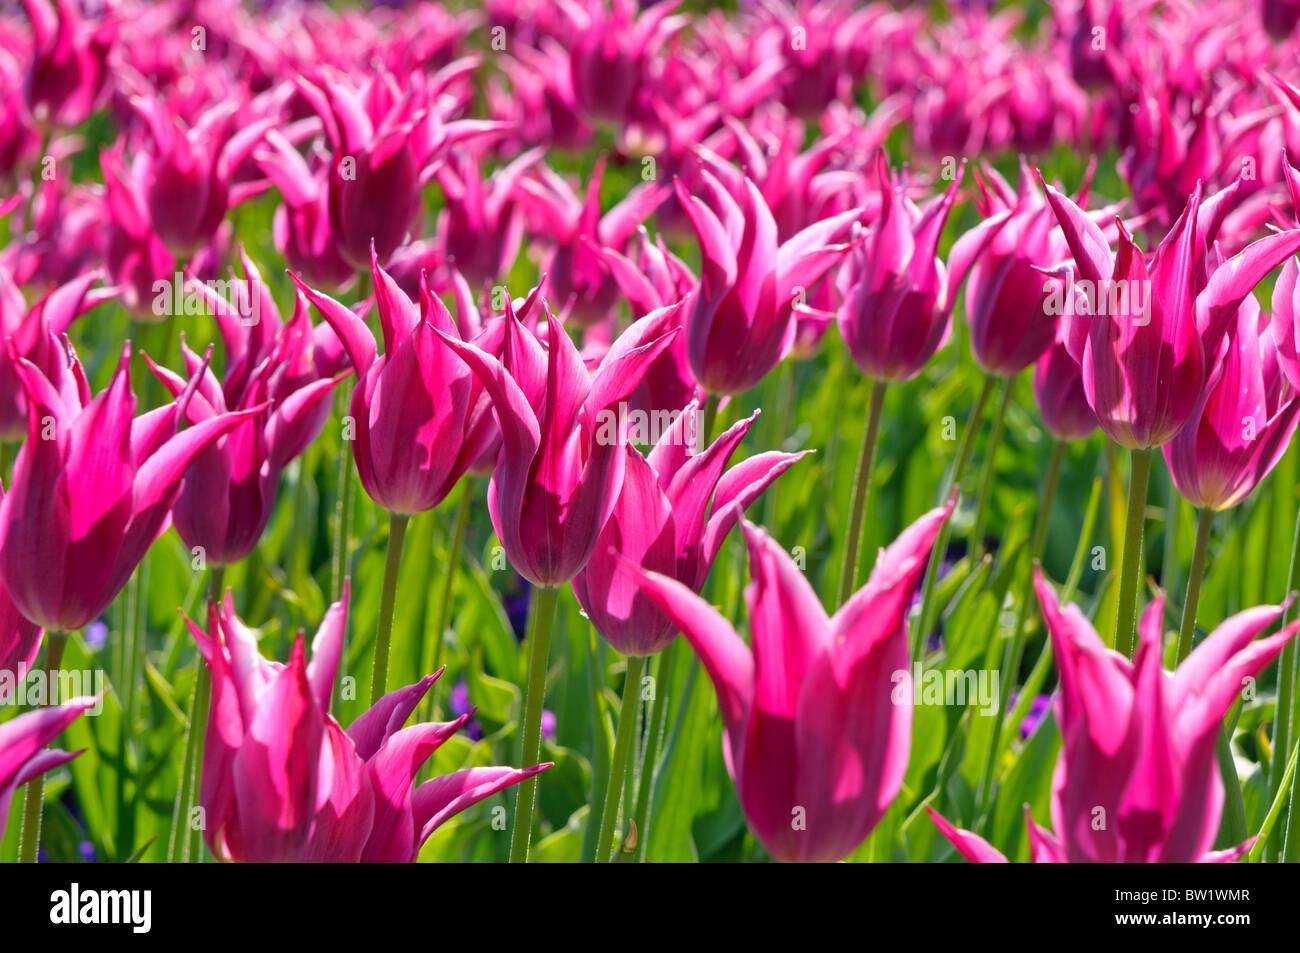 Wiesenblumenstrauß Stockfotos & Wiesenblumenstrauß Bilder